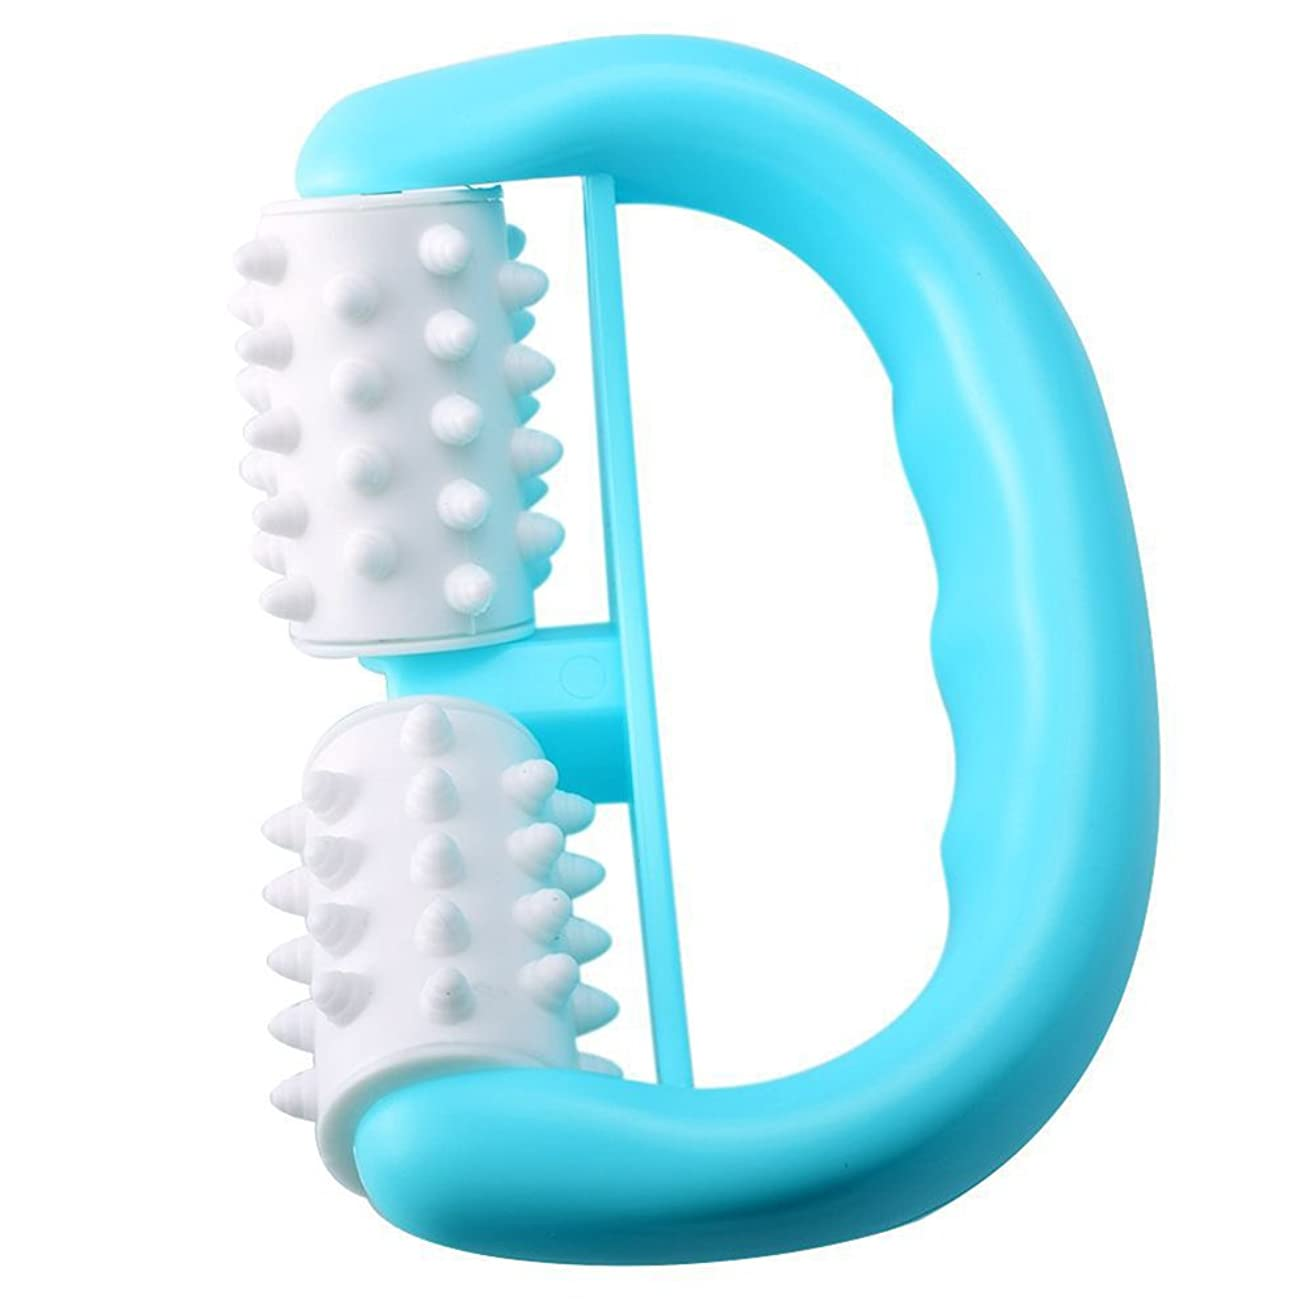 アーネストシャクルトン冷蔵する戸棚ROSENICE セルライトマッサージャー深部組織筋筋肉解放ツールボディセラピーマッサージファットブラスター(青)